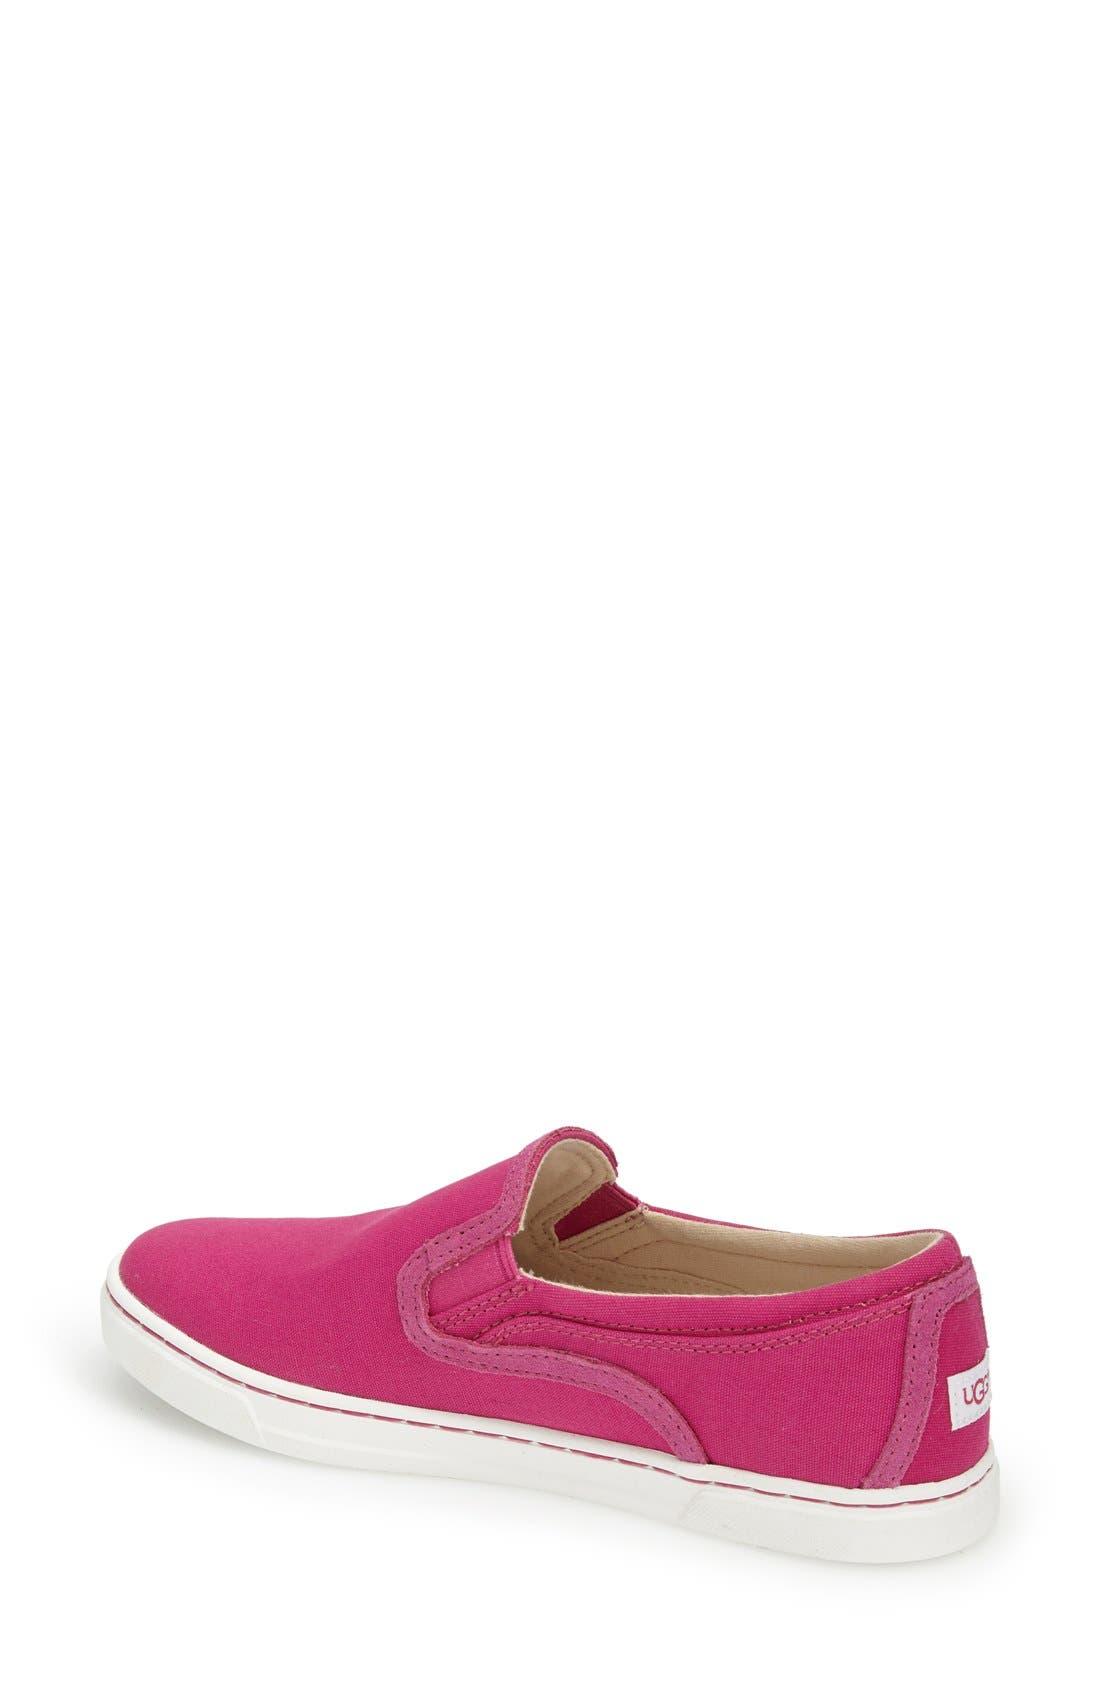 Alternate Image 2  - UGG Australia® 'Fierce' Slip-On Sneaker (Women)